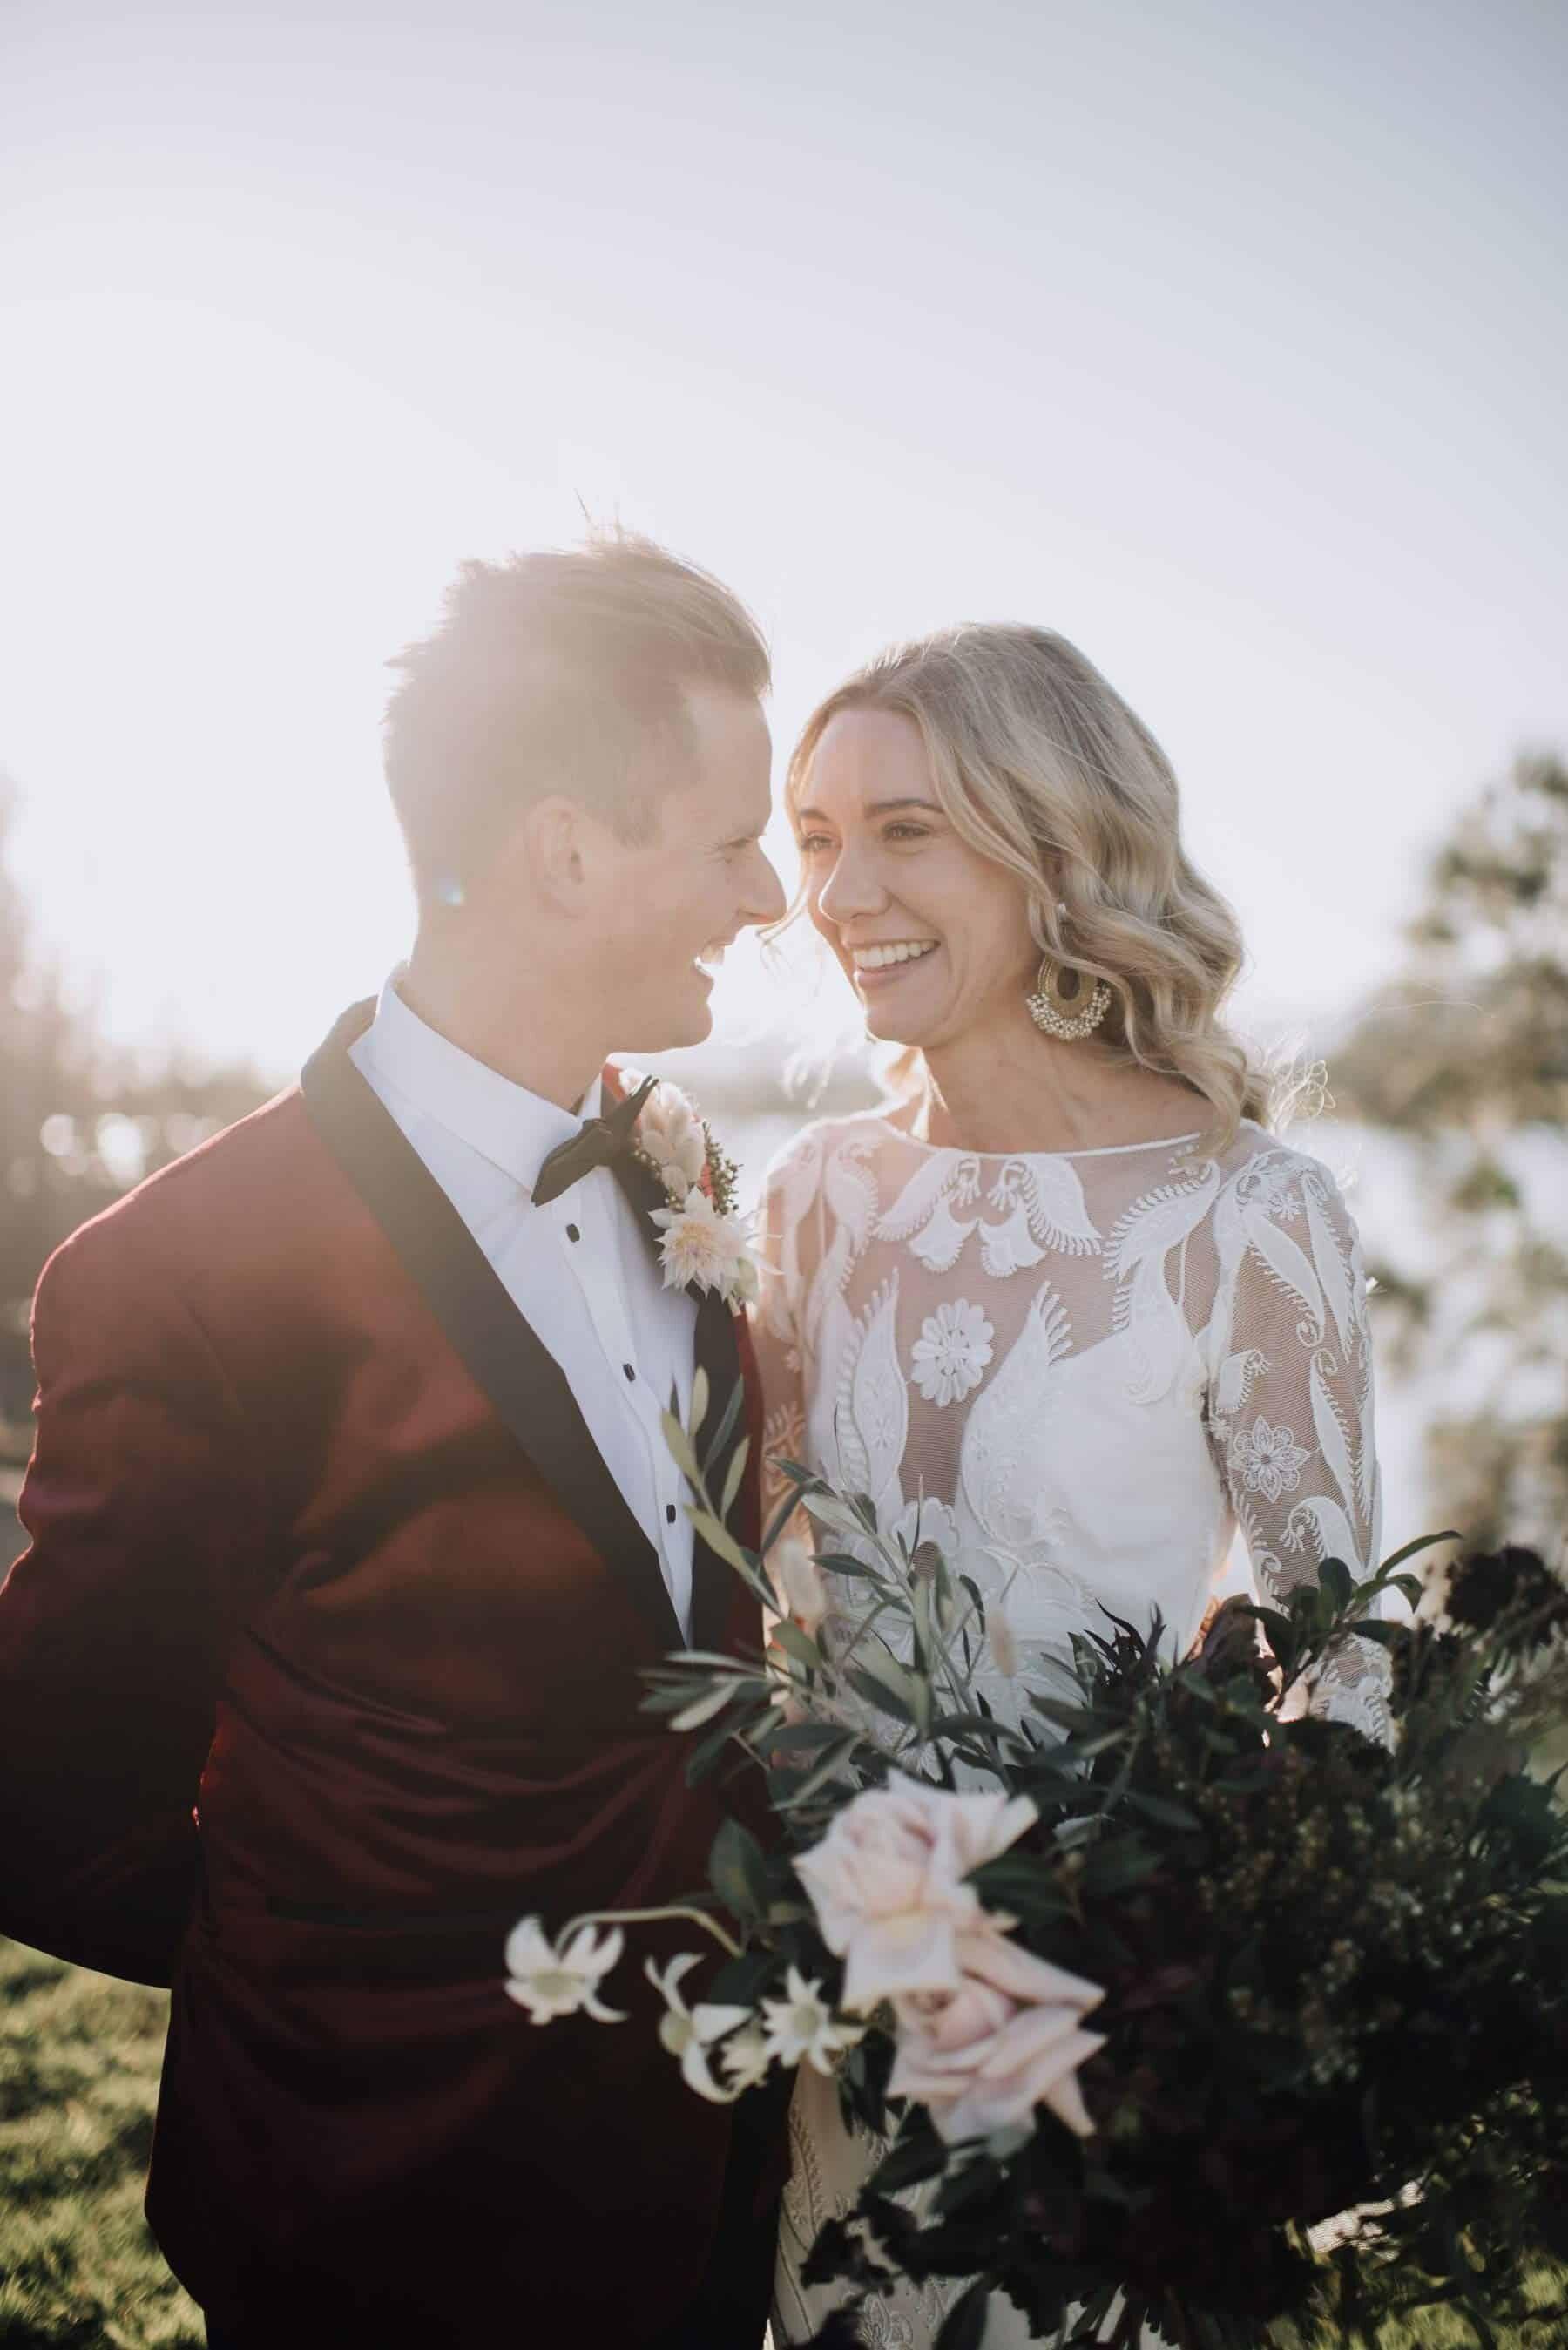 boho bride and groom in burgundy jacket